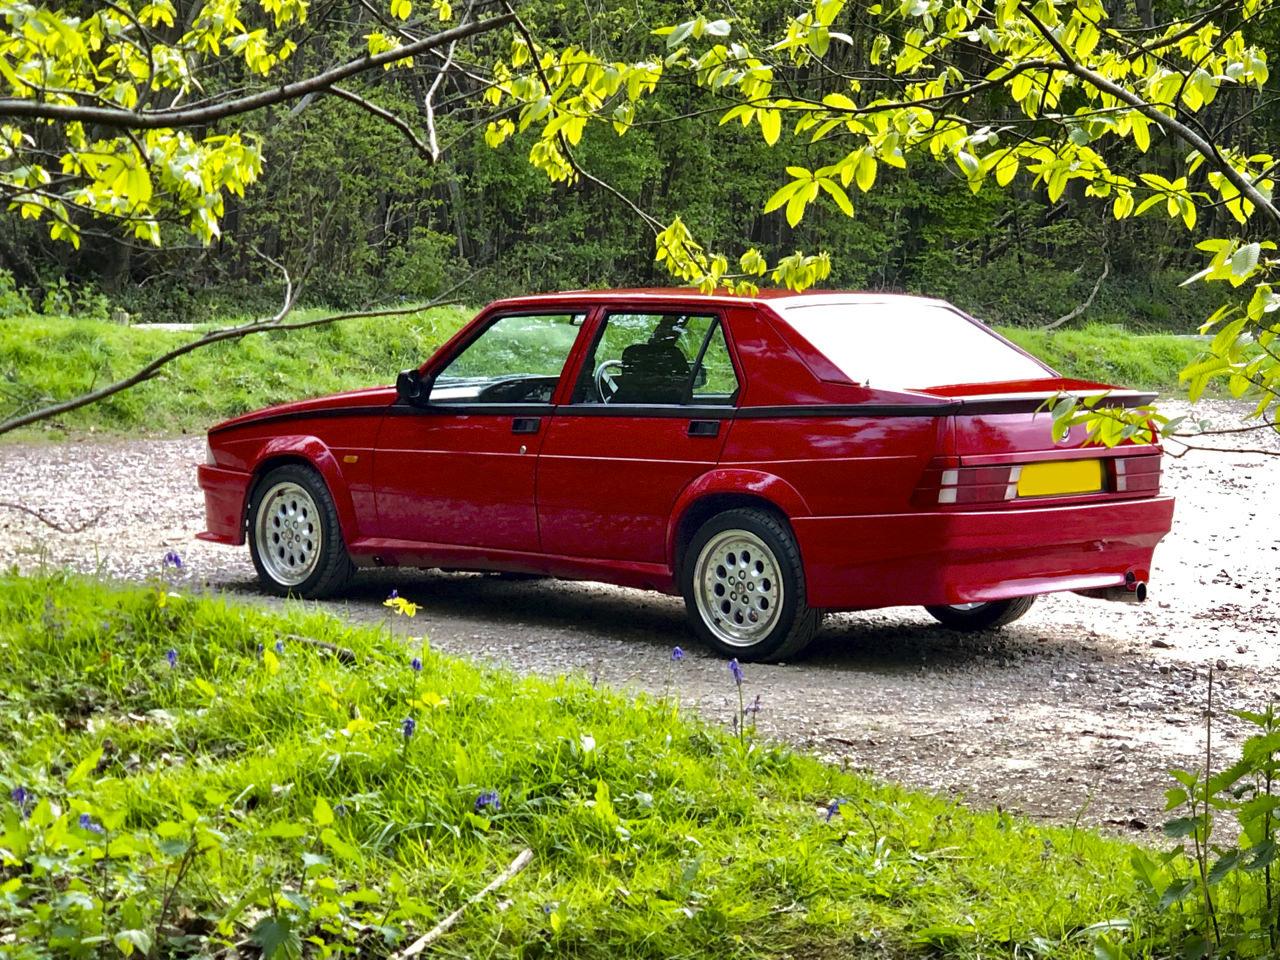 1991 75 3.0L V6 Cloverleaf For Sale (picture 1 of 6)